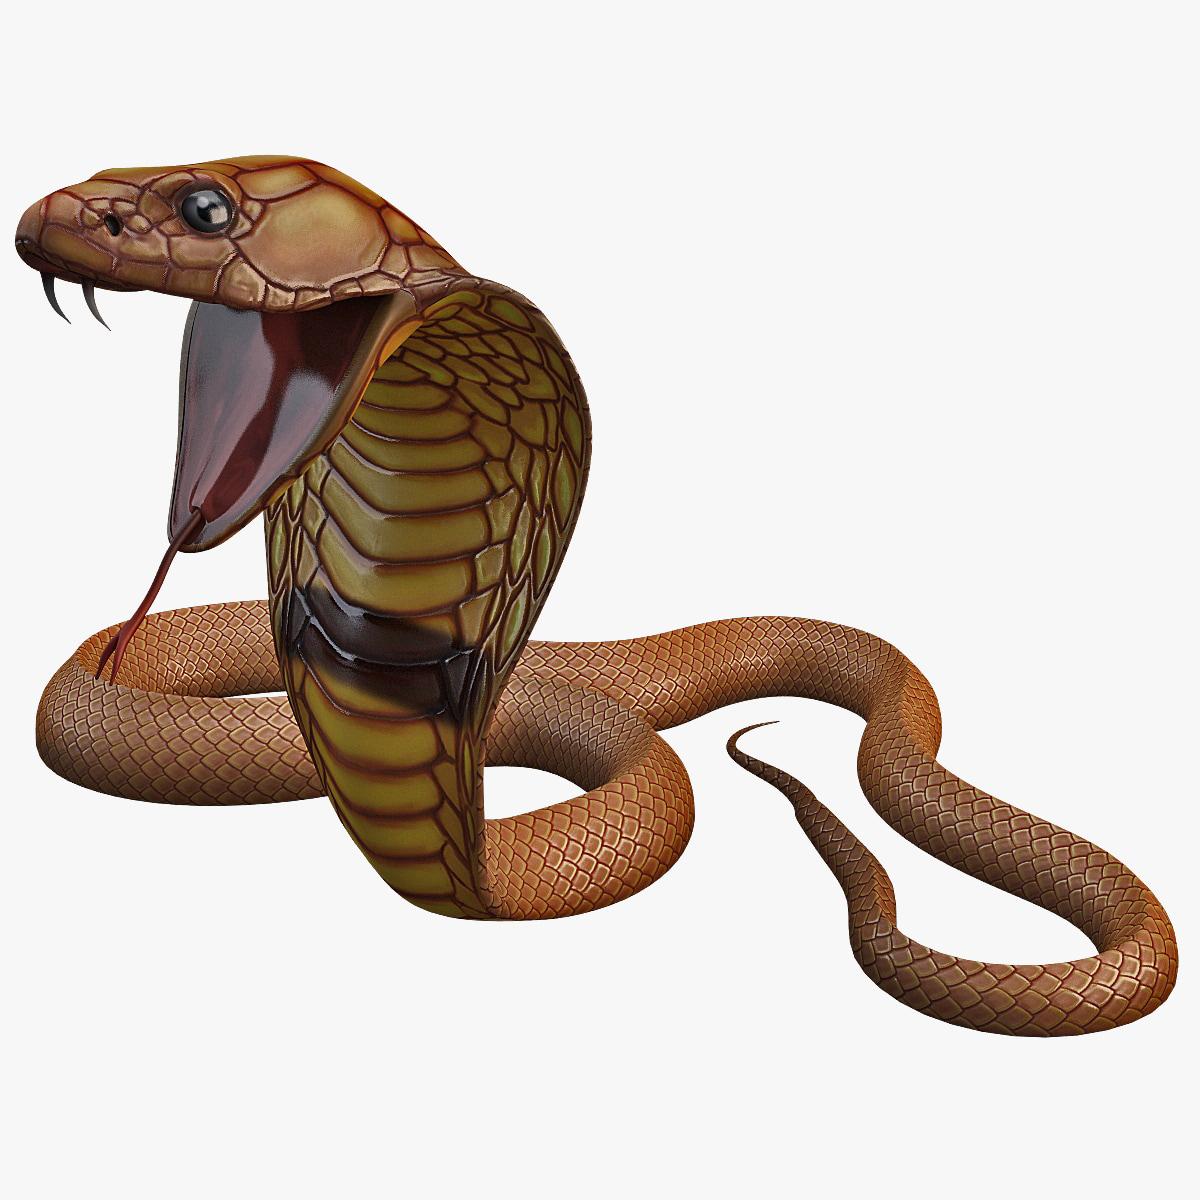 Snake_Cobra_Pose_4_000.jpg